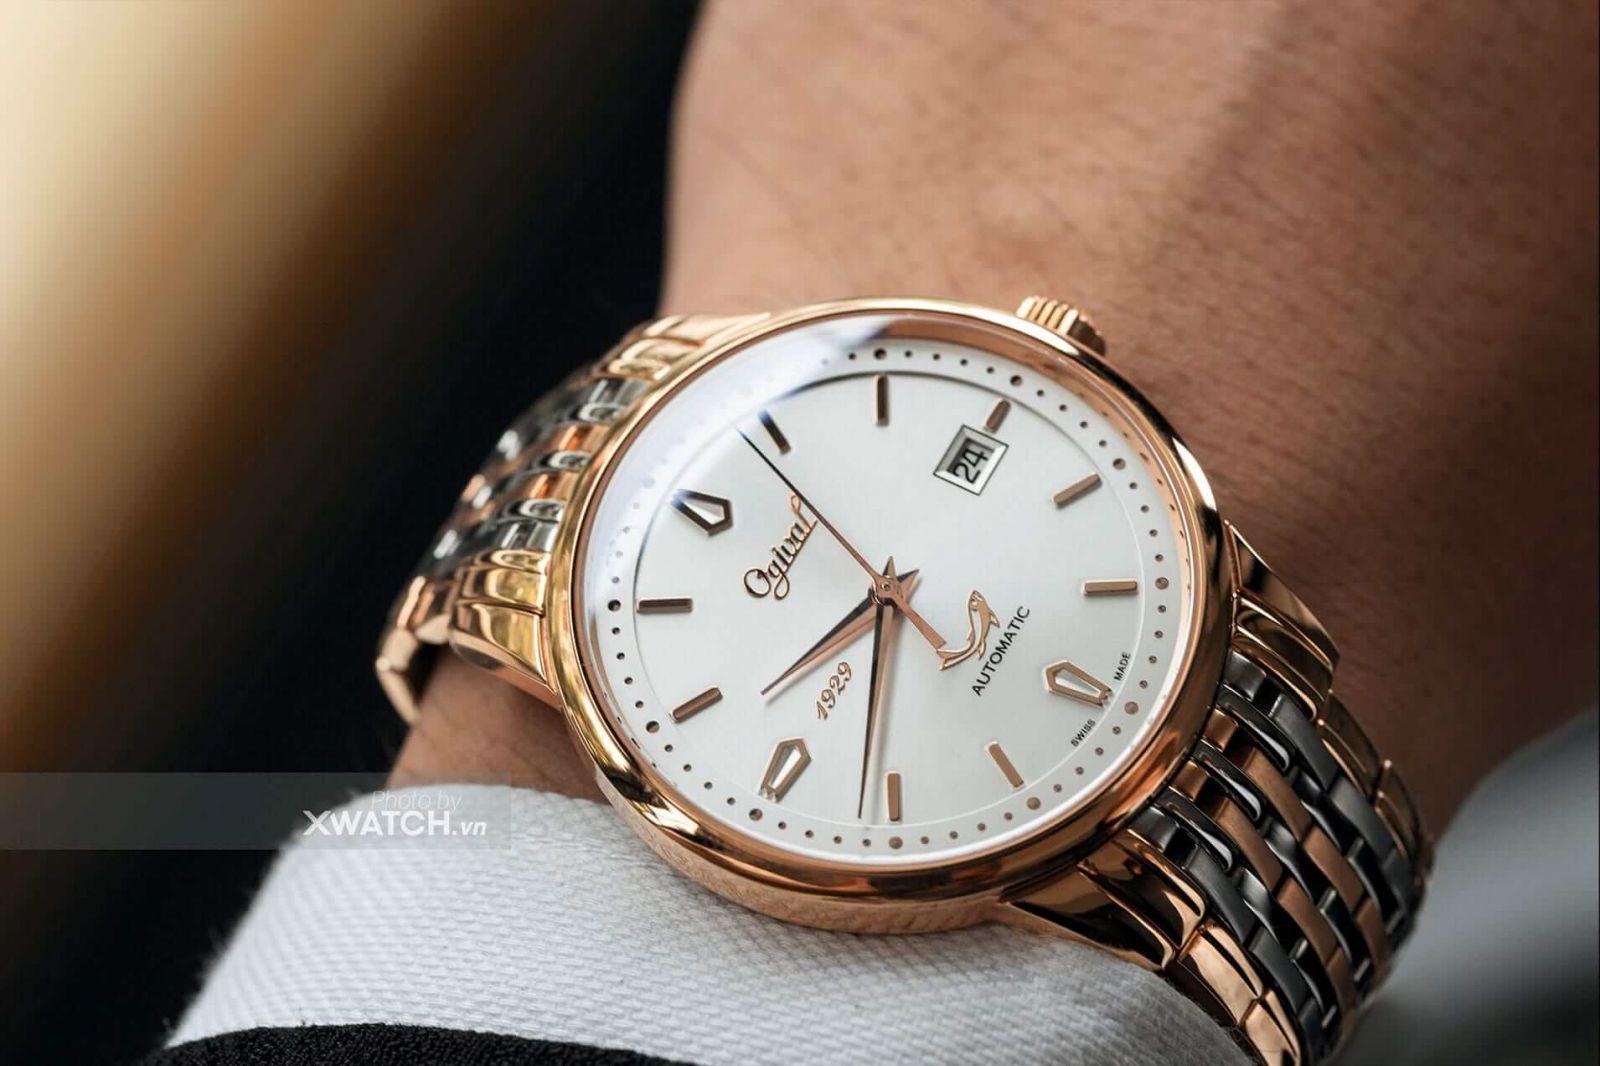 Nhâ viên Xwatch giao đồng hồ cho khách